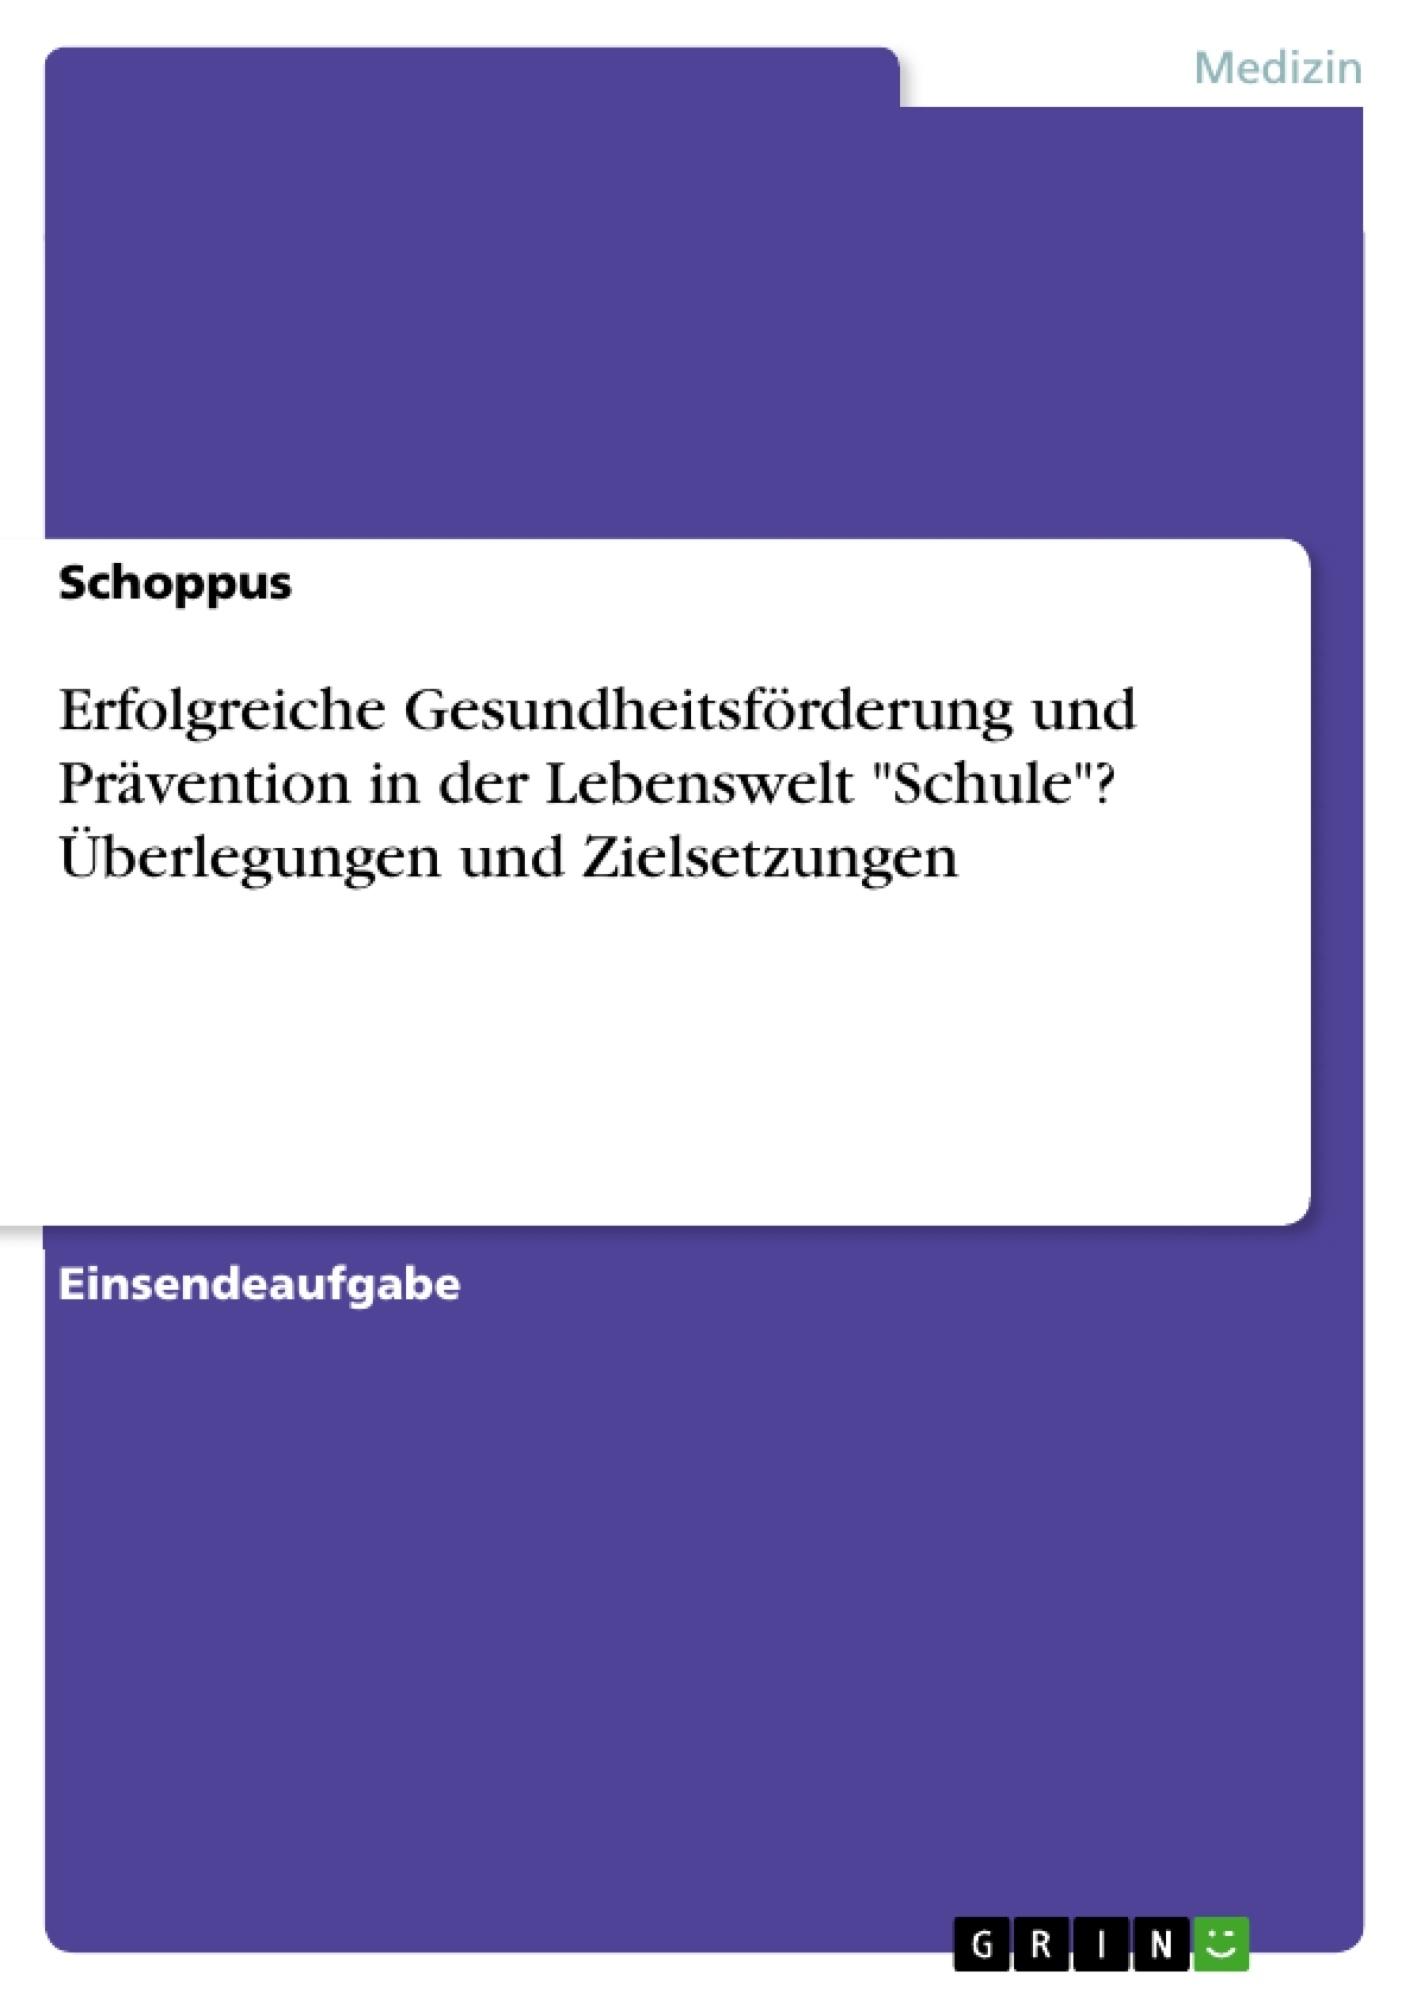 """Titel: Erfolgreiche Gesundheitsförderung und Prävention in der Lebenswelt """"Schule""""? Überlegungen und Zielsetzungen"""